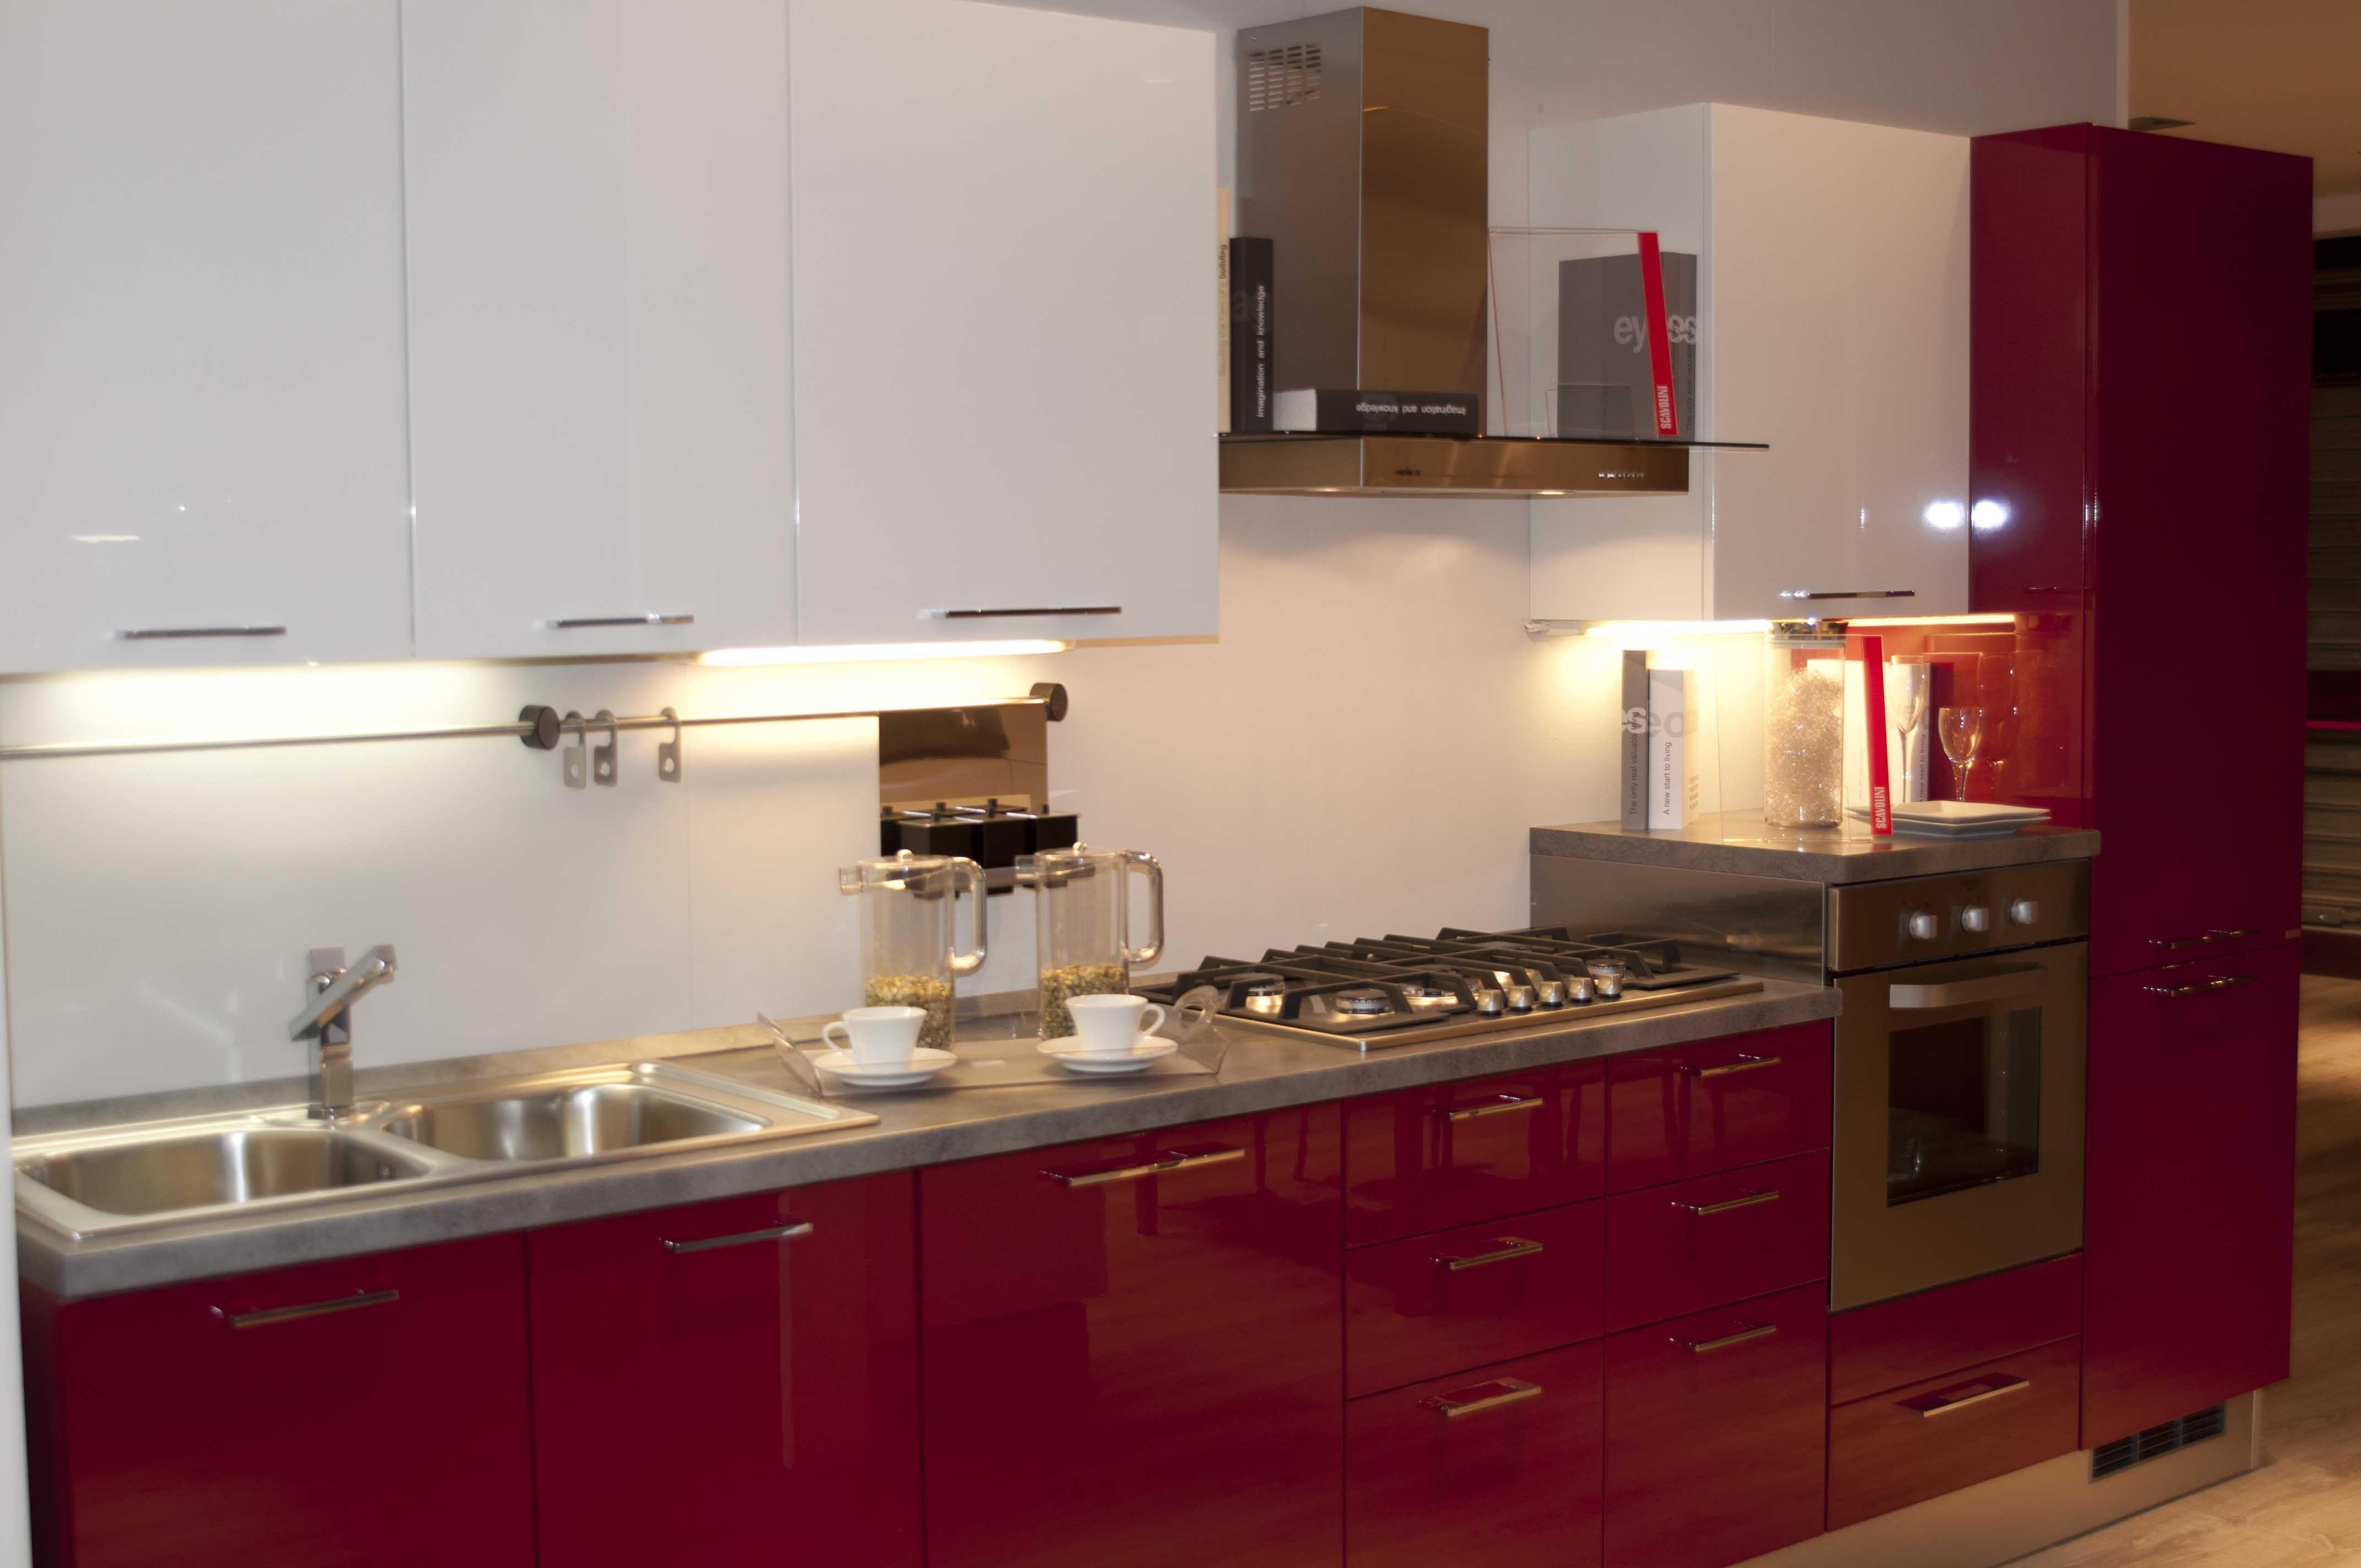 Cucina bianca e rossa Scavolini | Foggia | Home sweet home | Kitchen ...